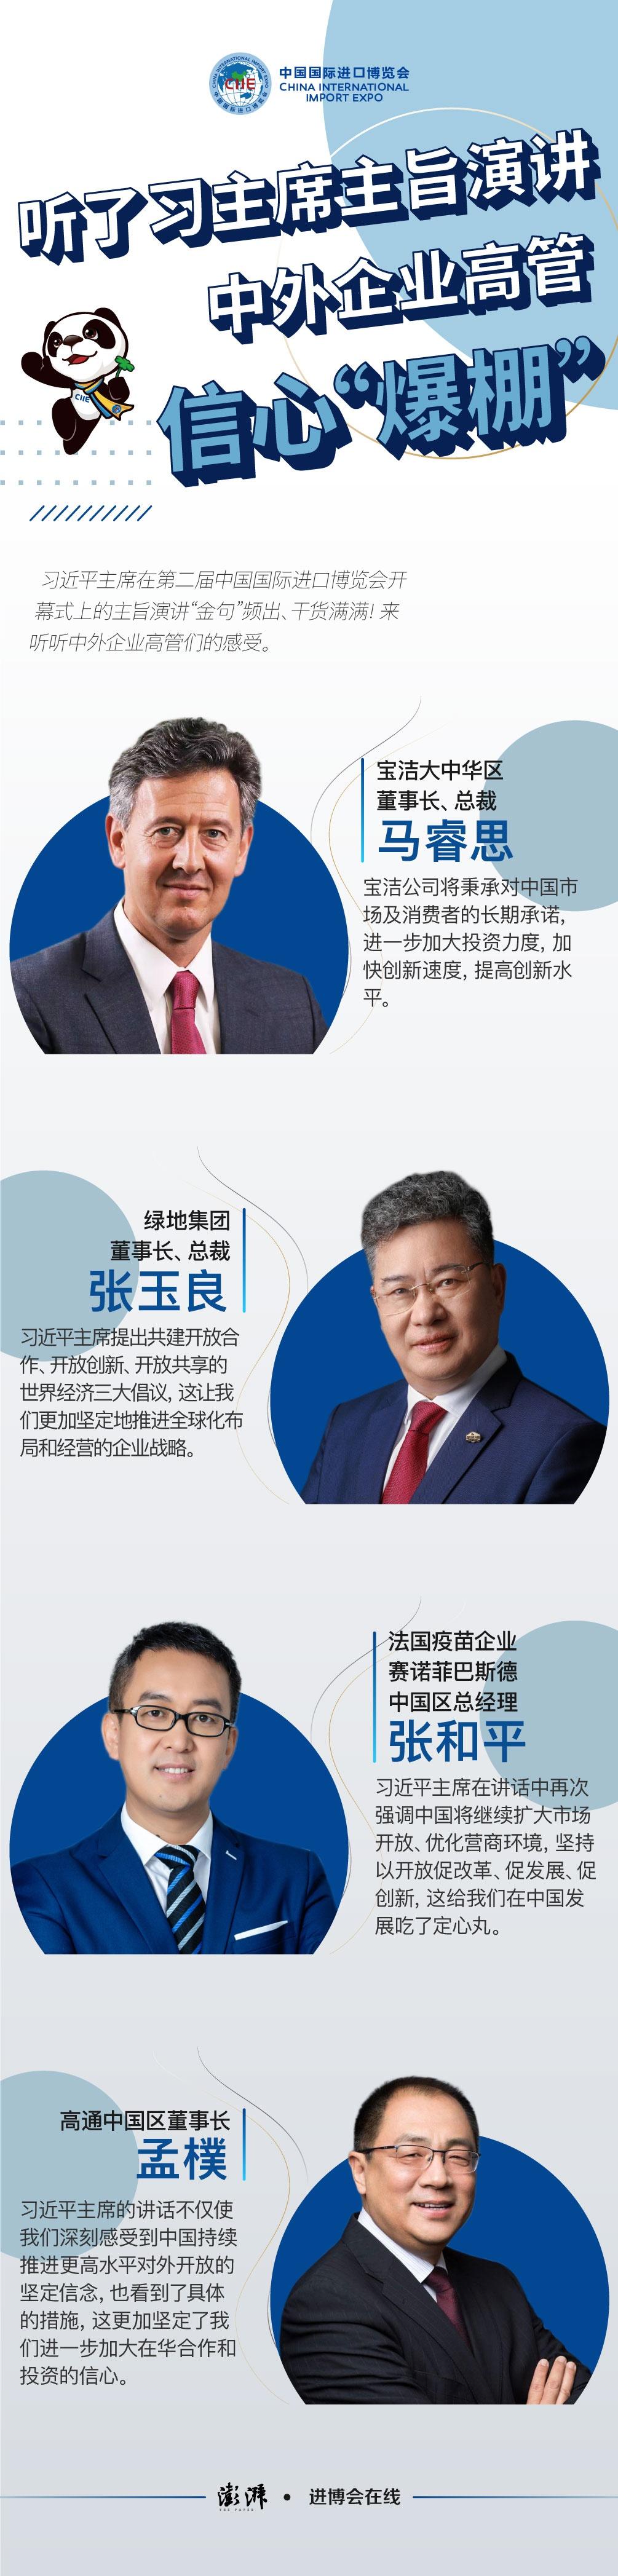 中使馆提醒中国公民在法国大罢工期间注意安全